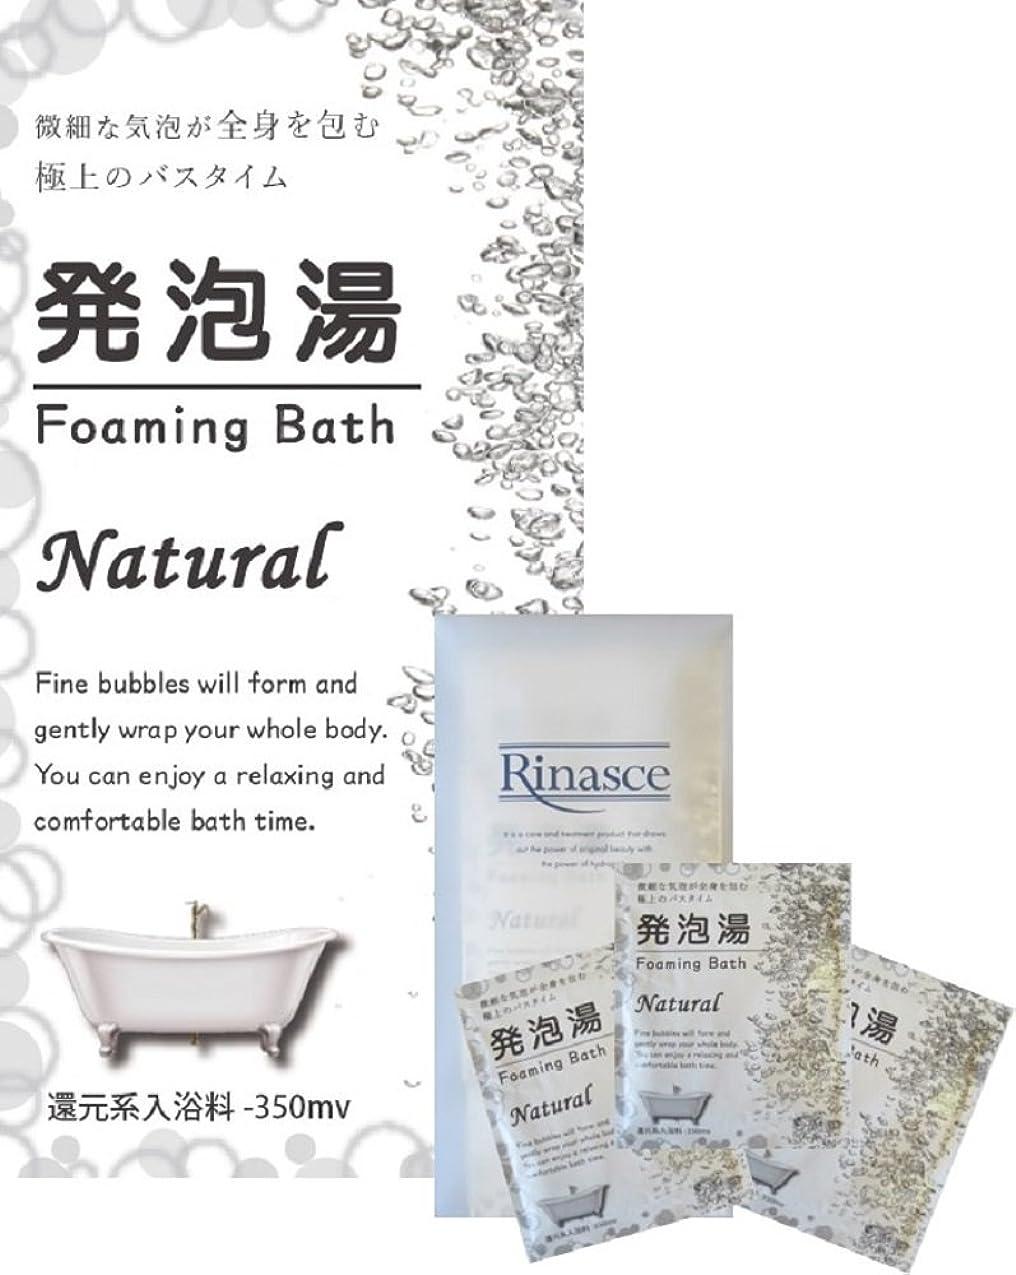 変換するレパートリー豊富な【ゆうメール対象】発泡湯(はっぽうとう) Foaming Bath Natural ナチュラル 40g 3包セット/微細な気泡が全身を包む極上のバスタイム